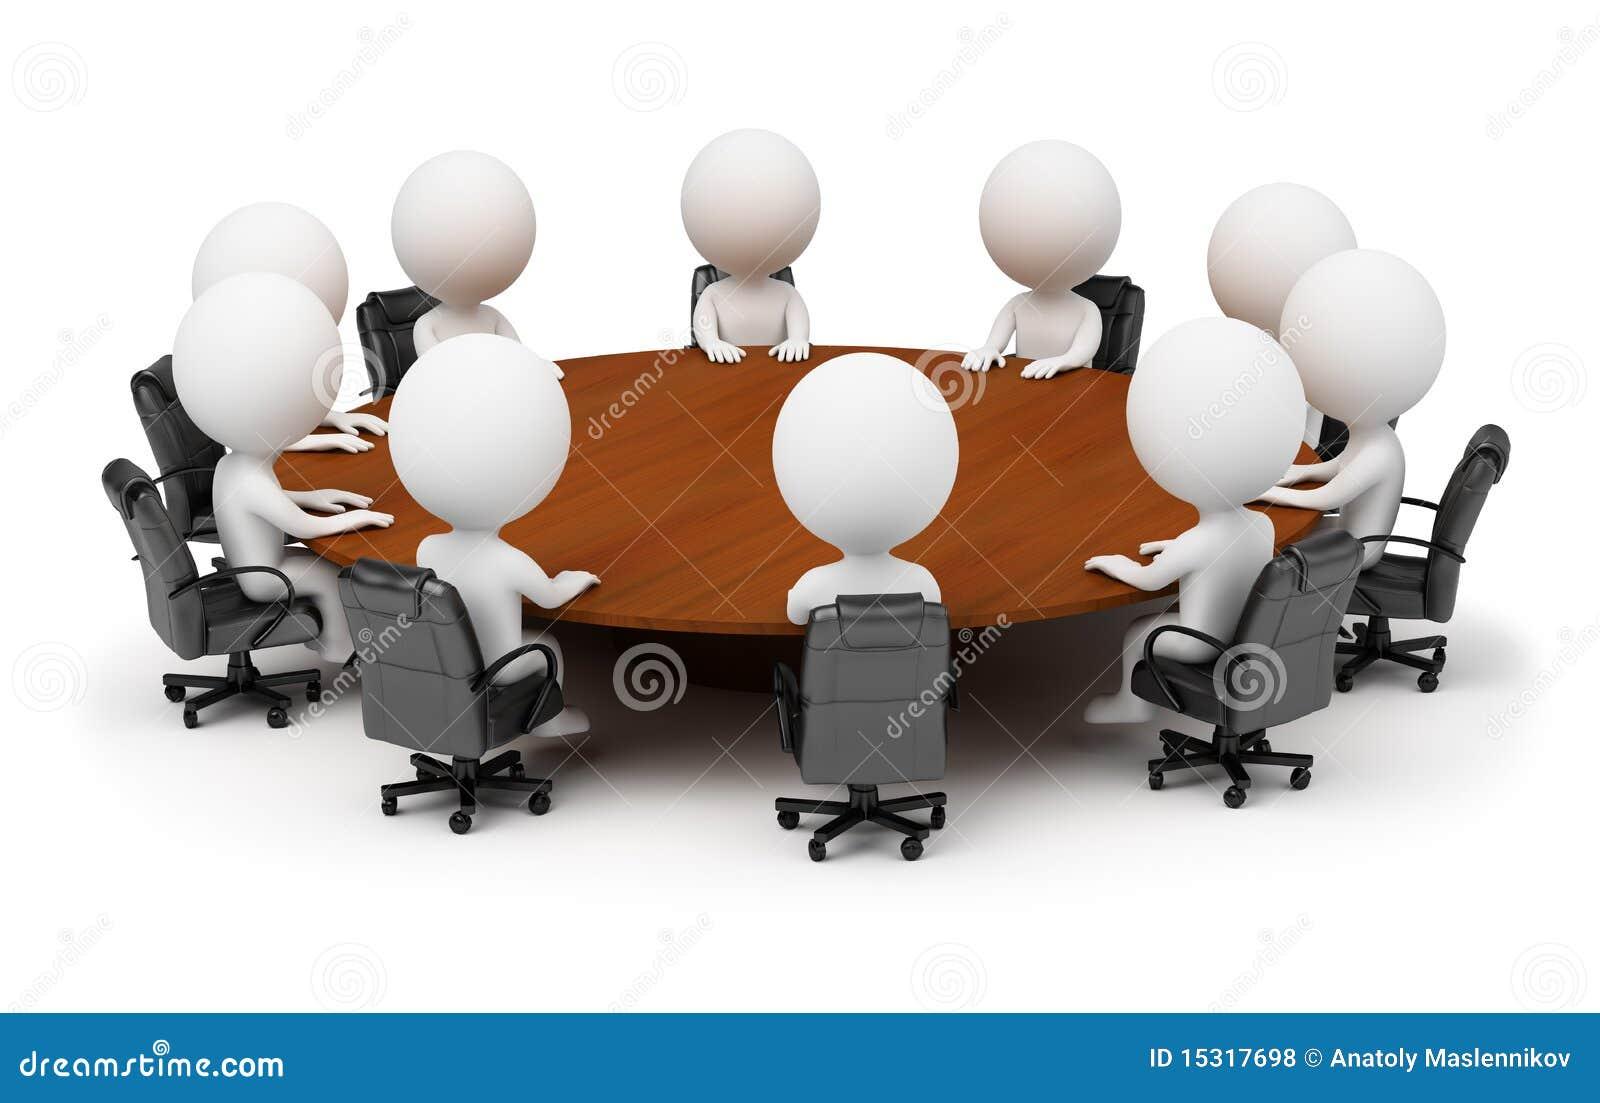 3d povos pequenos - sessão atrás de uma mesa redonda